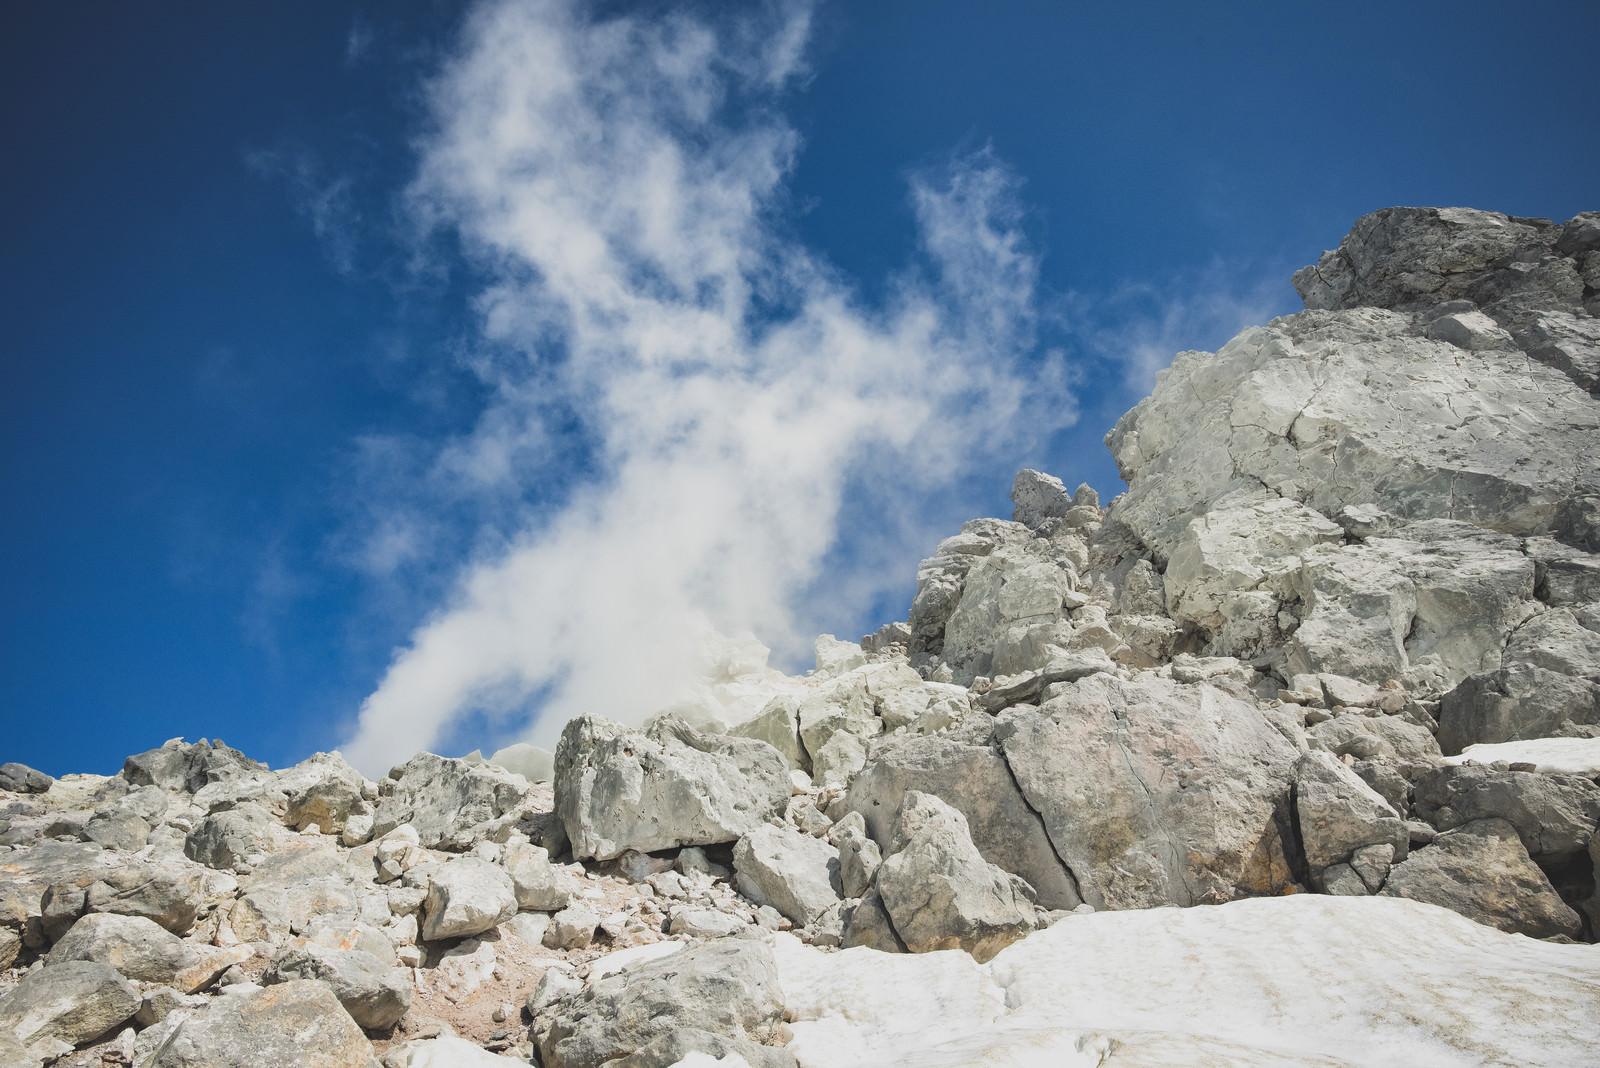 「噴気を噴出す焼岳の噴気孔(北アルプス)」の写真